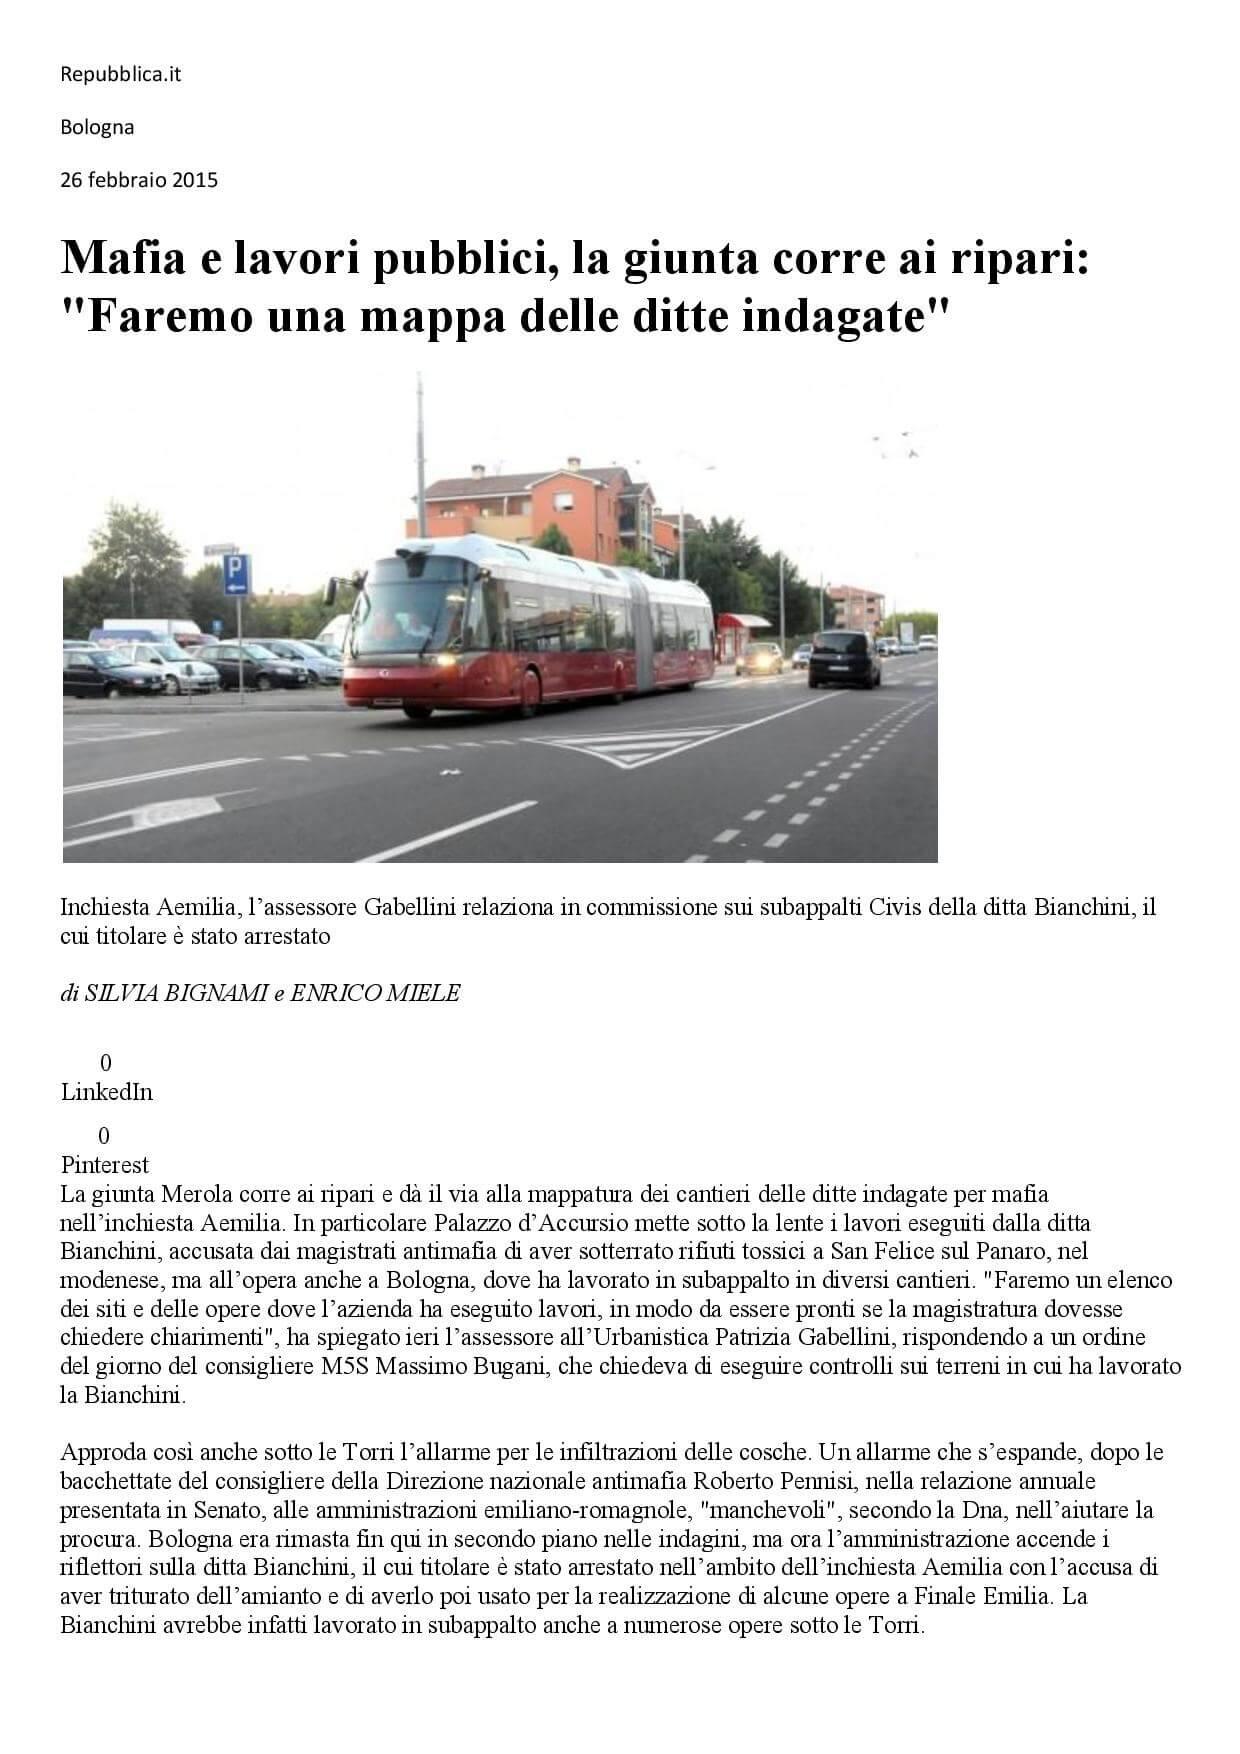 26_2_15_repubblica_mappa-page-001